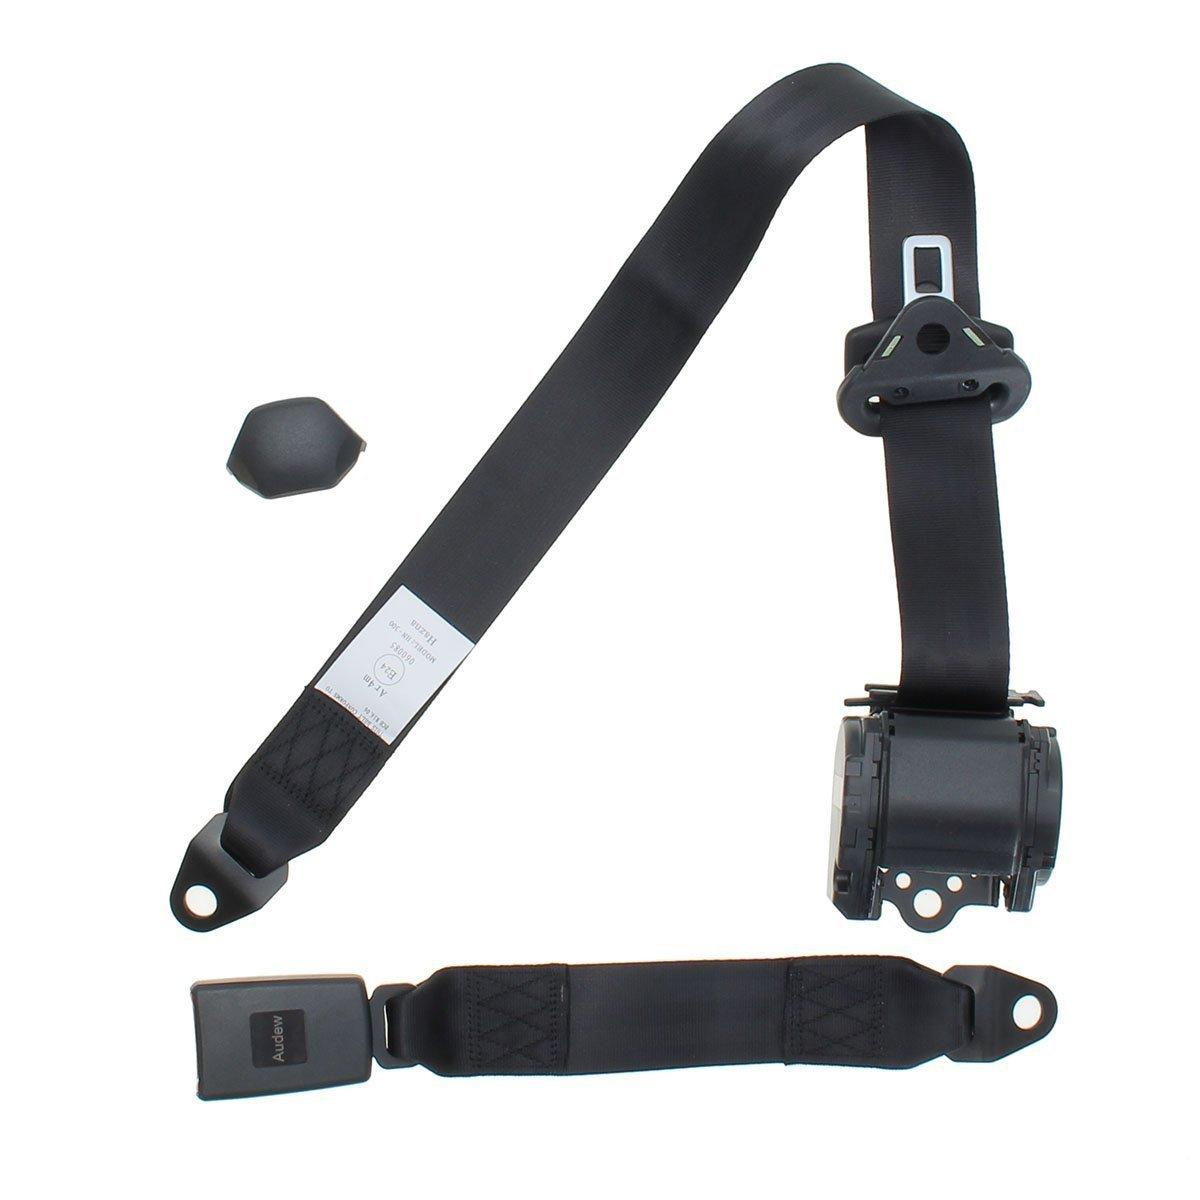 Cintura di sicurezza universale retrattile a 3 punti UKNANY per tutte le auto colore nero